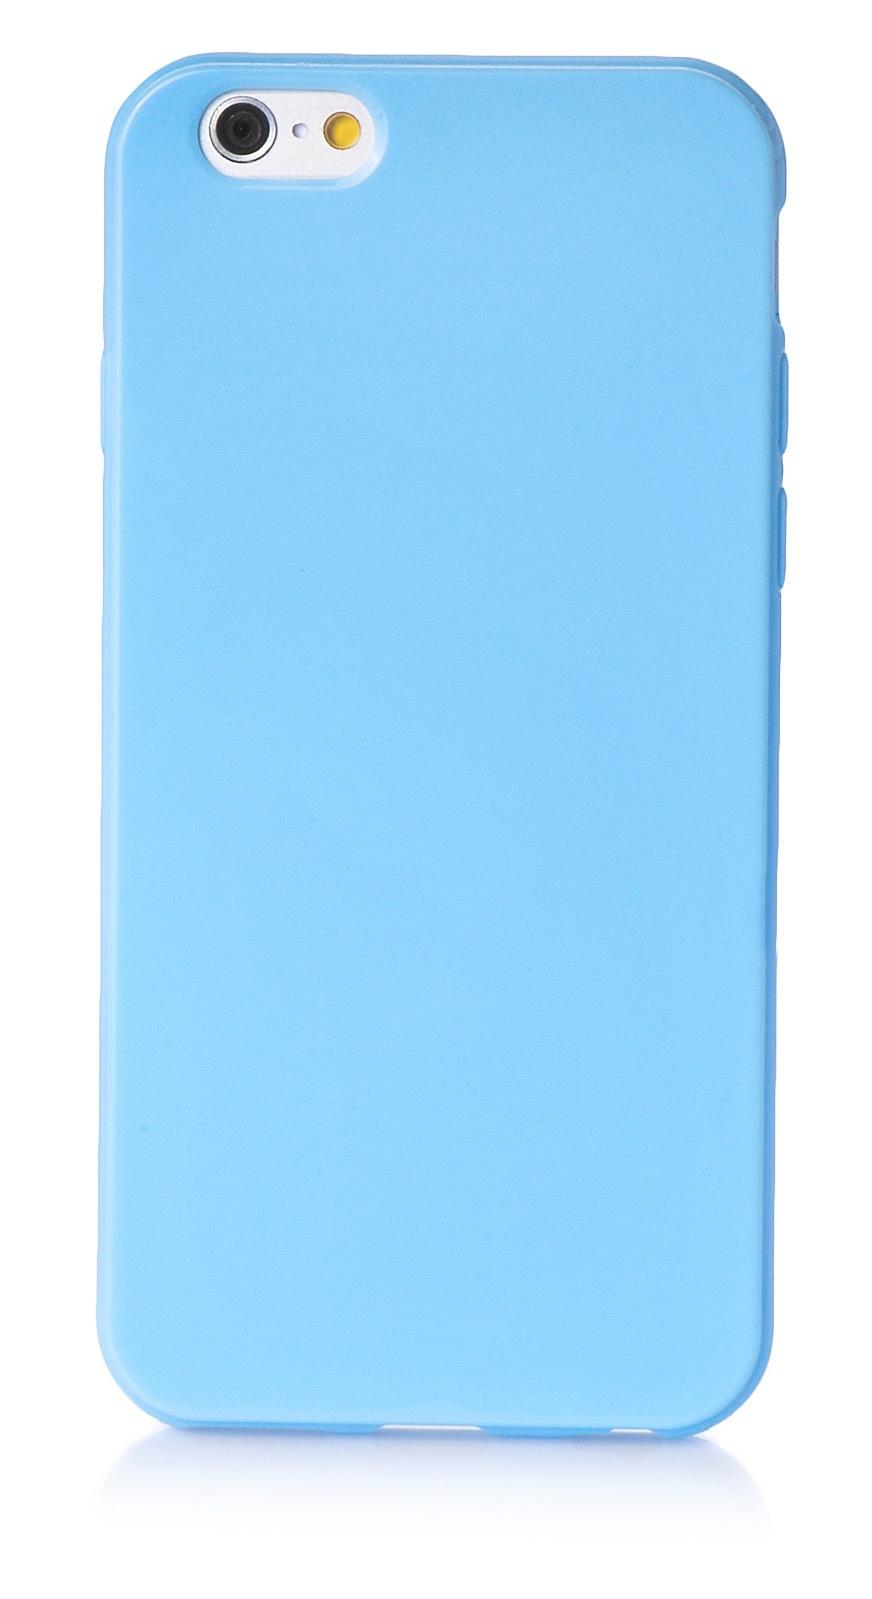 """Чехол для сотового телефона iNeez накладка силикон мыльница 620212 для Apple Iphone 6 Plus/6S Plus 5.5"""", голубой"""